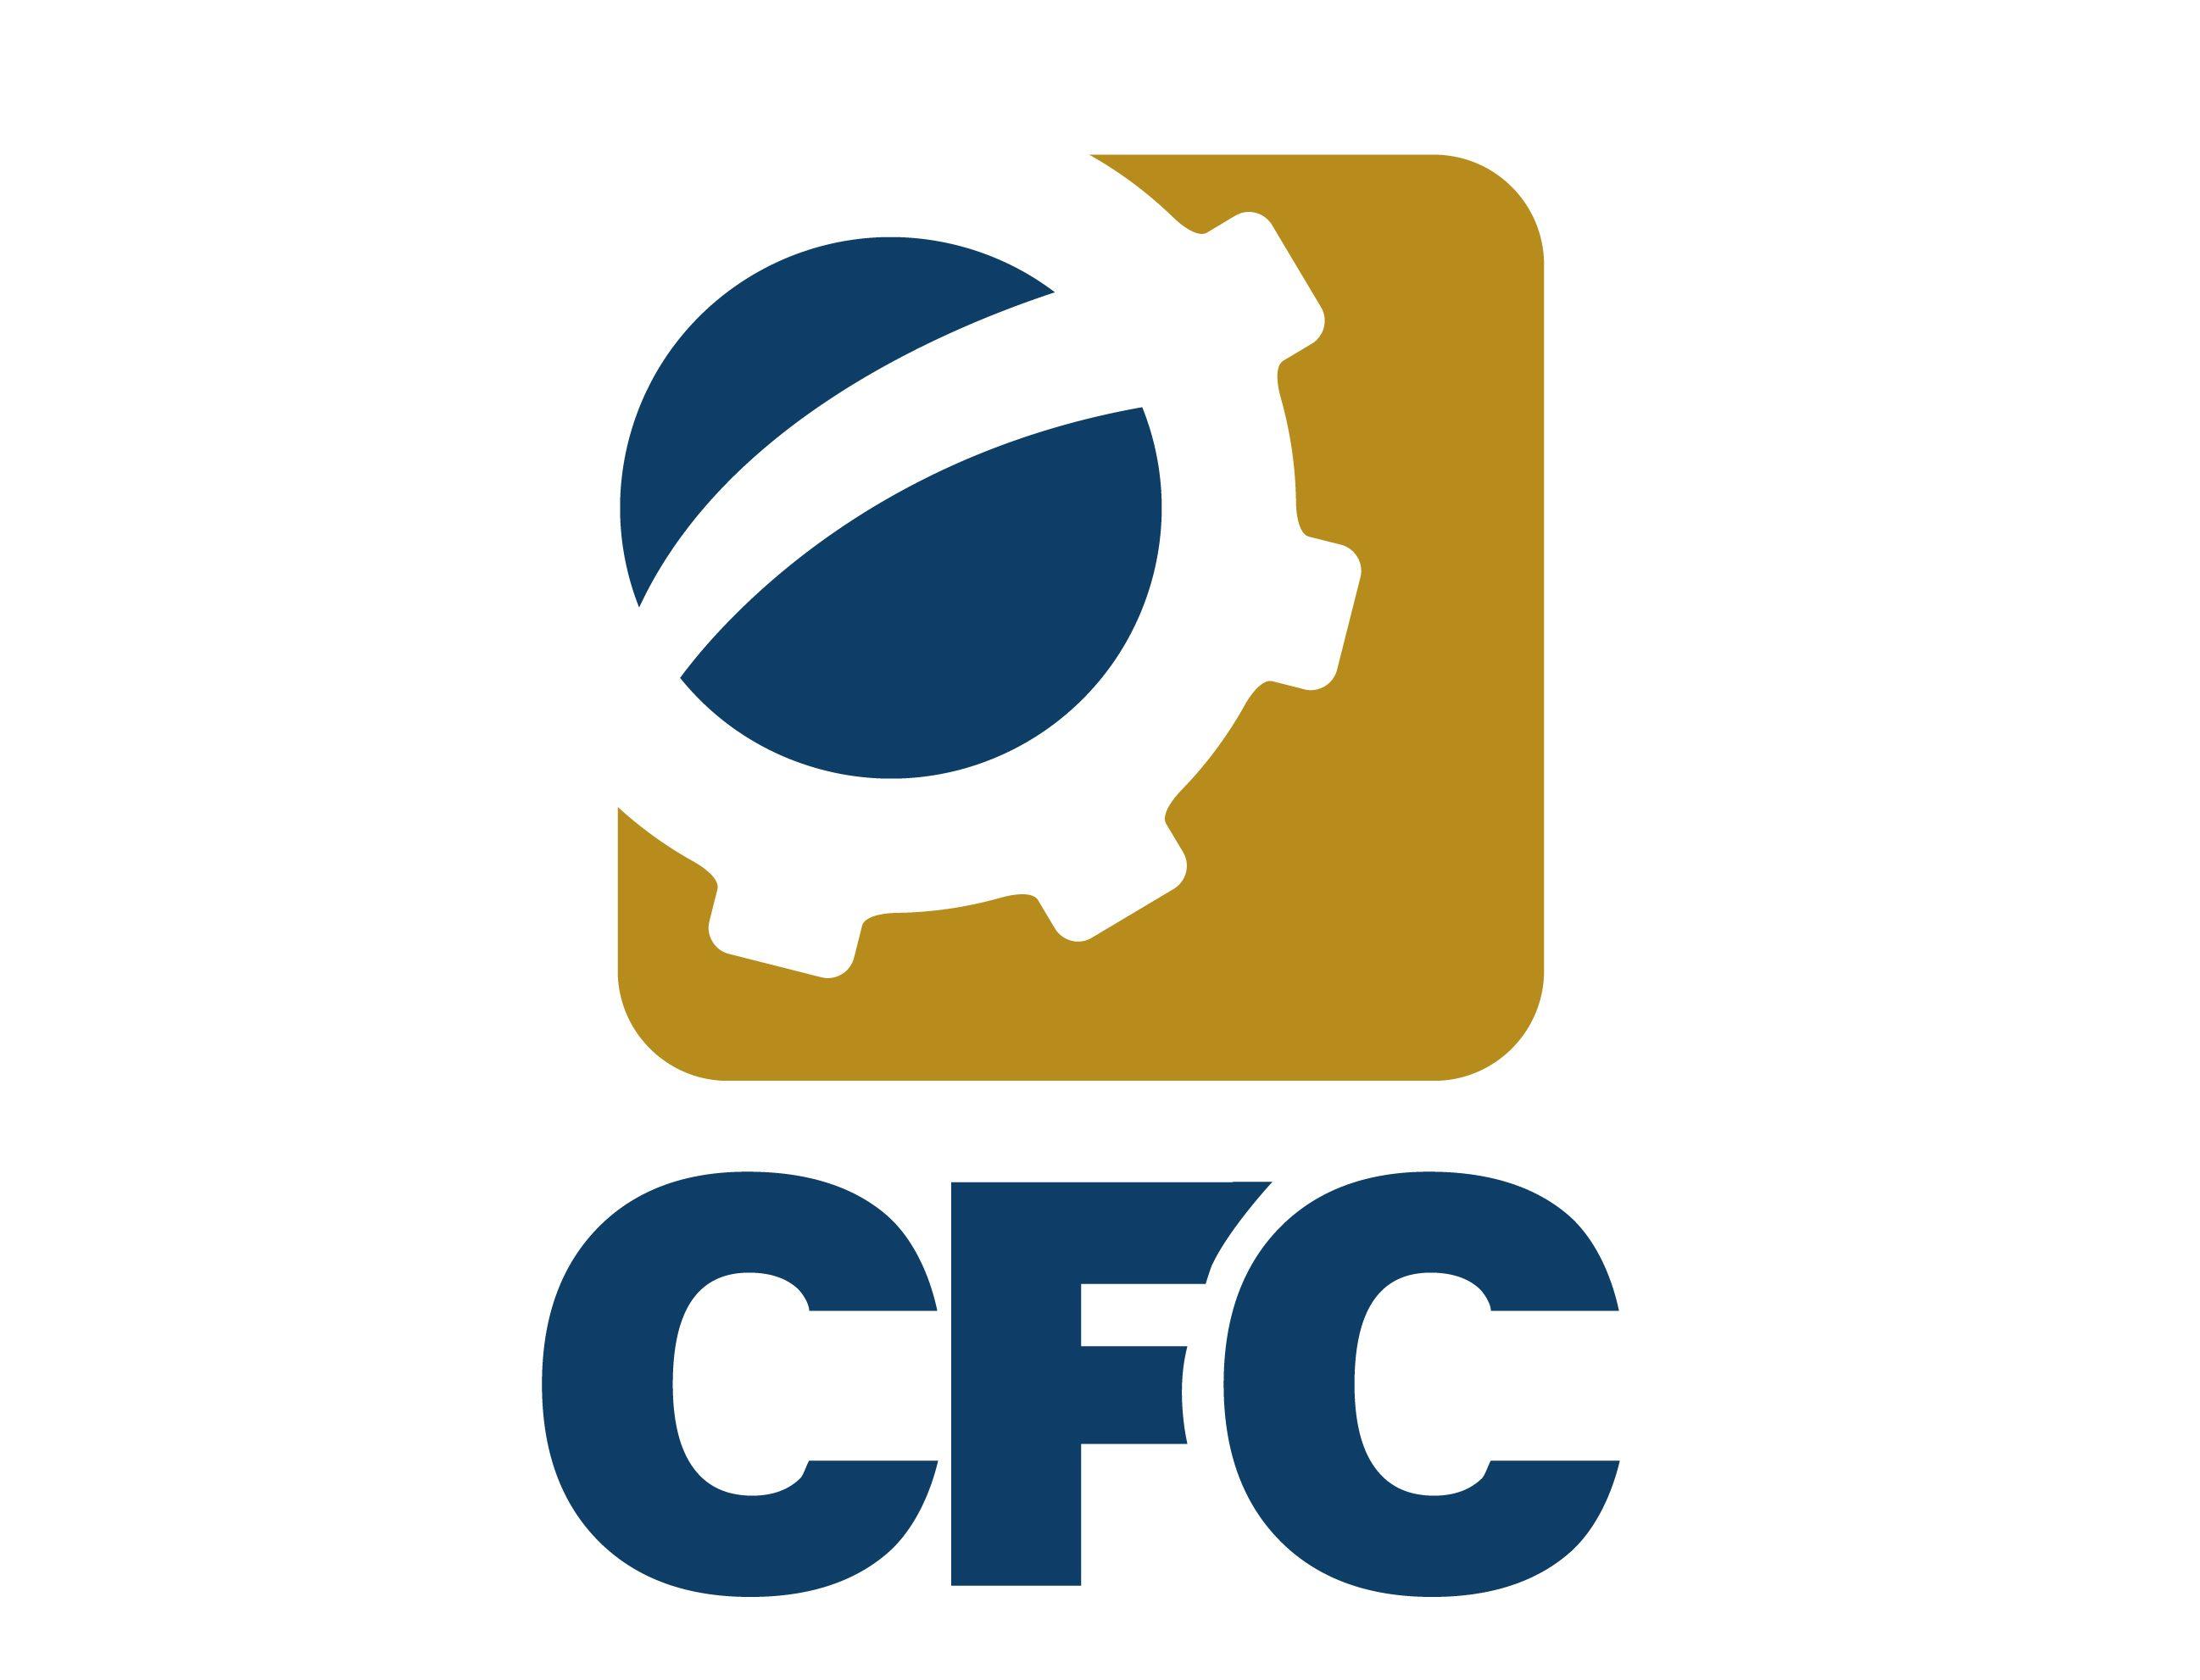 CFC – Conselho Federal de Contabilidade